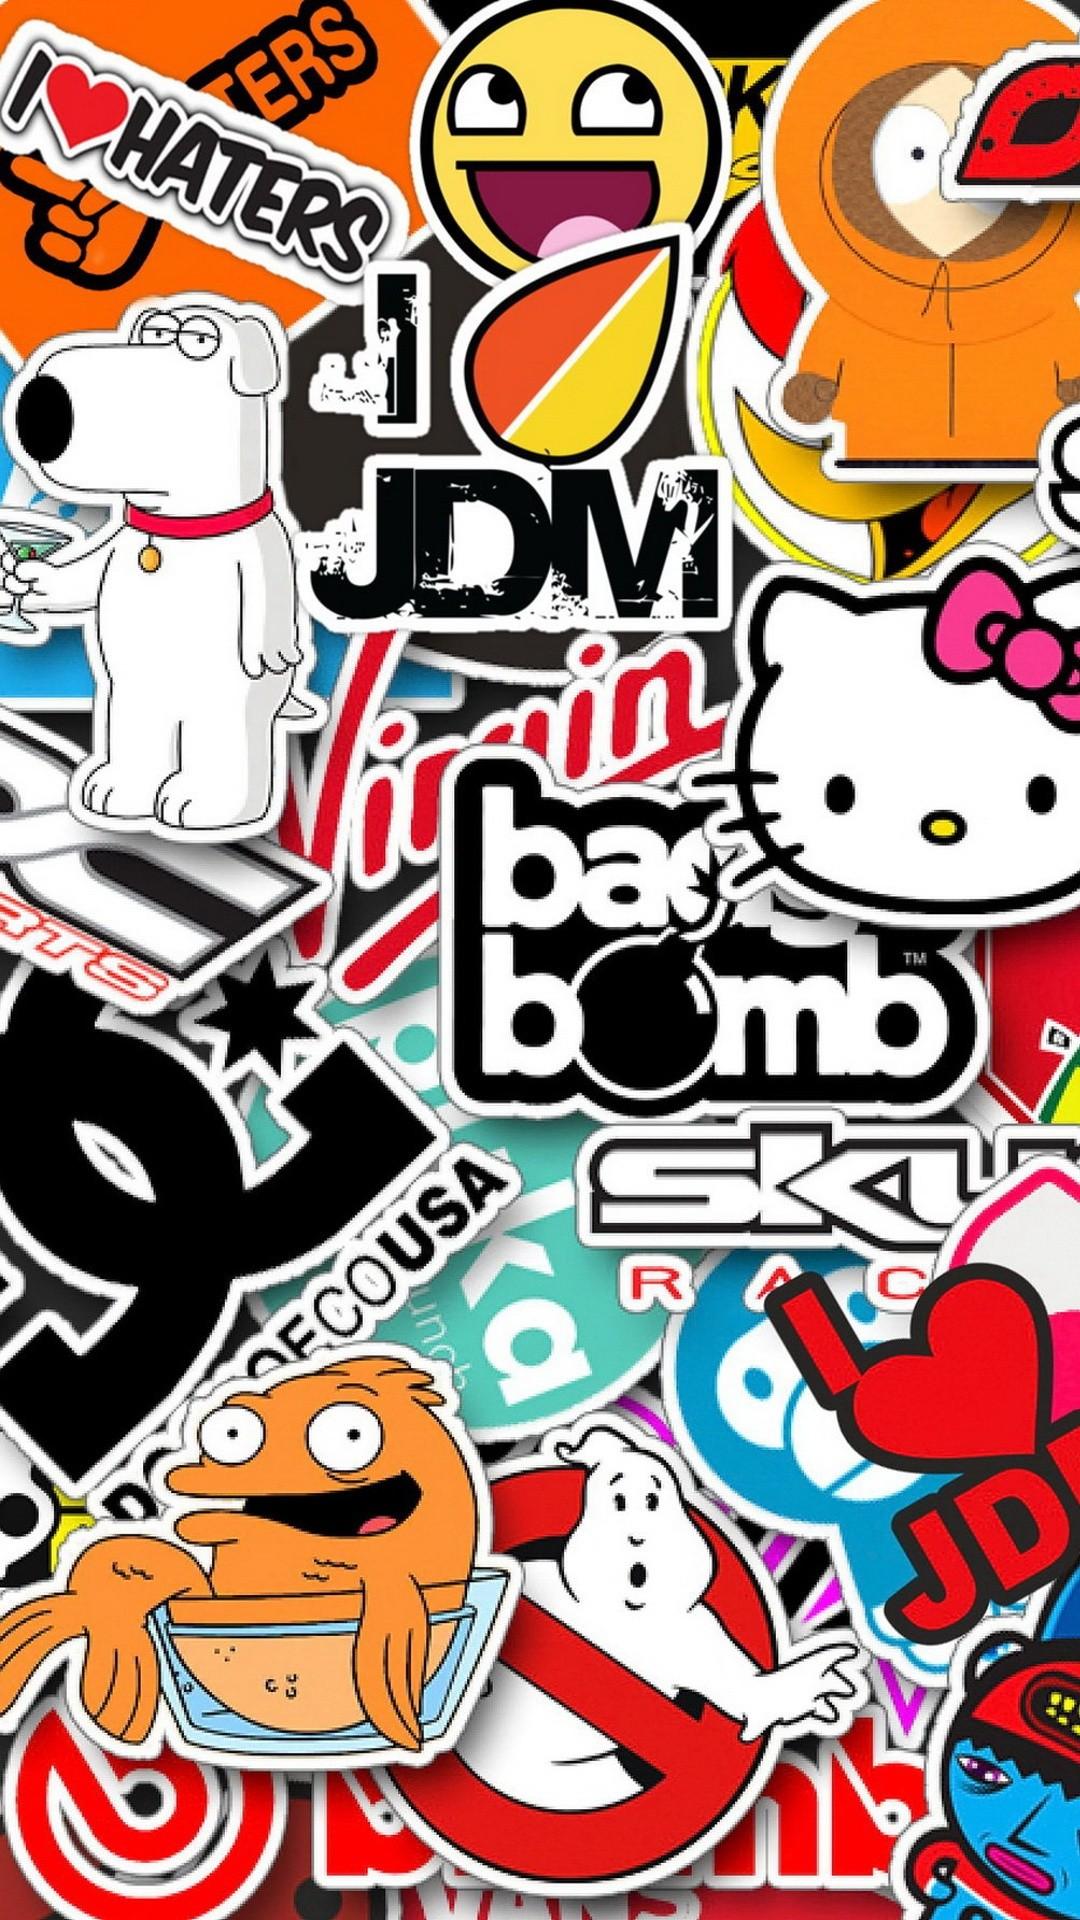 Пятничные обои для iPhone: Sticker bombing